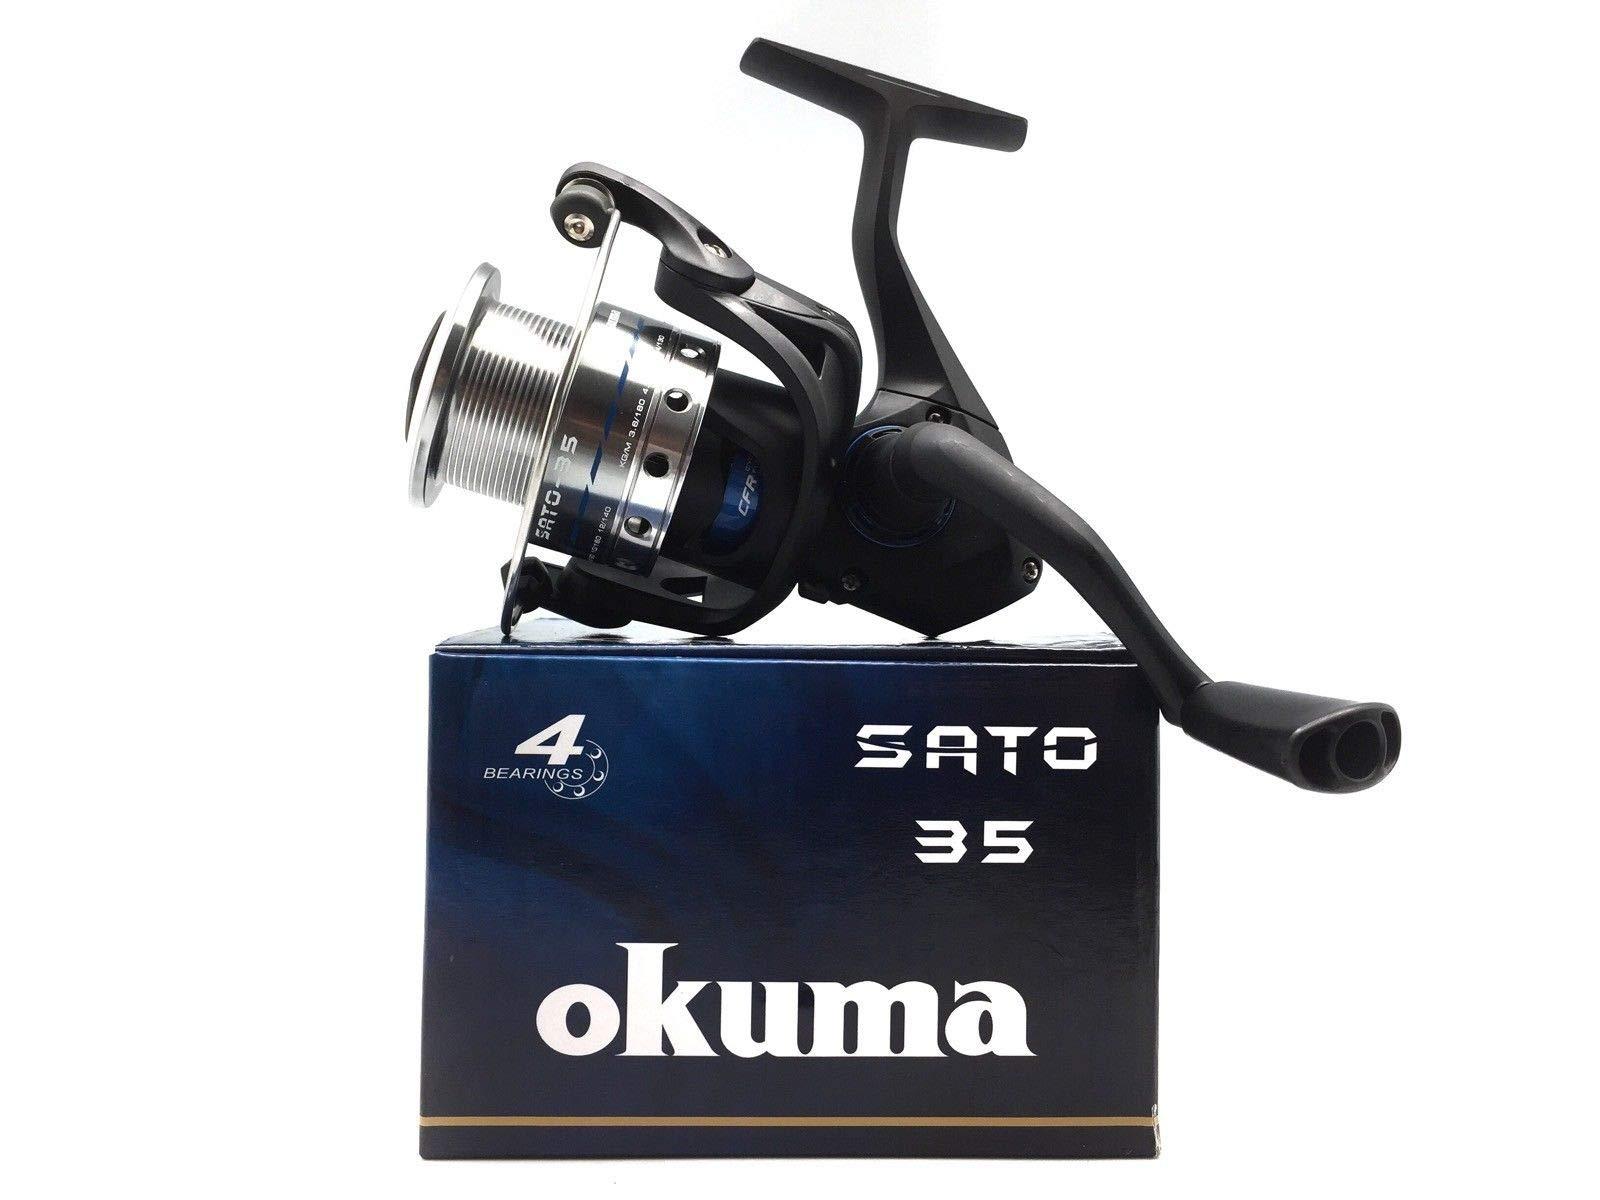 Okuma Carrete Sato Spin 35: Amazon.es: Deportes y aire libre